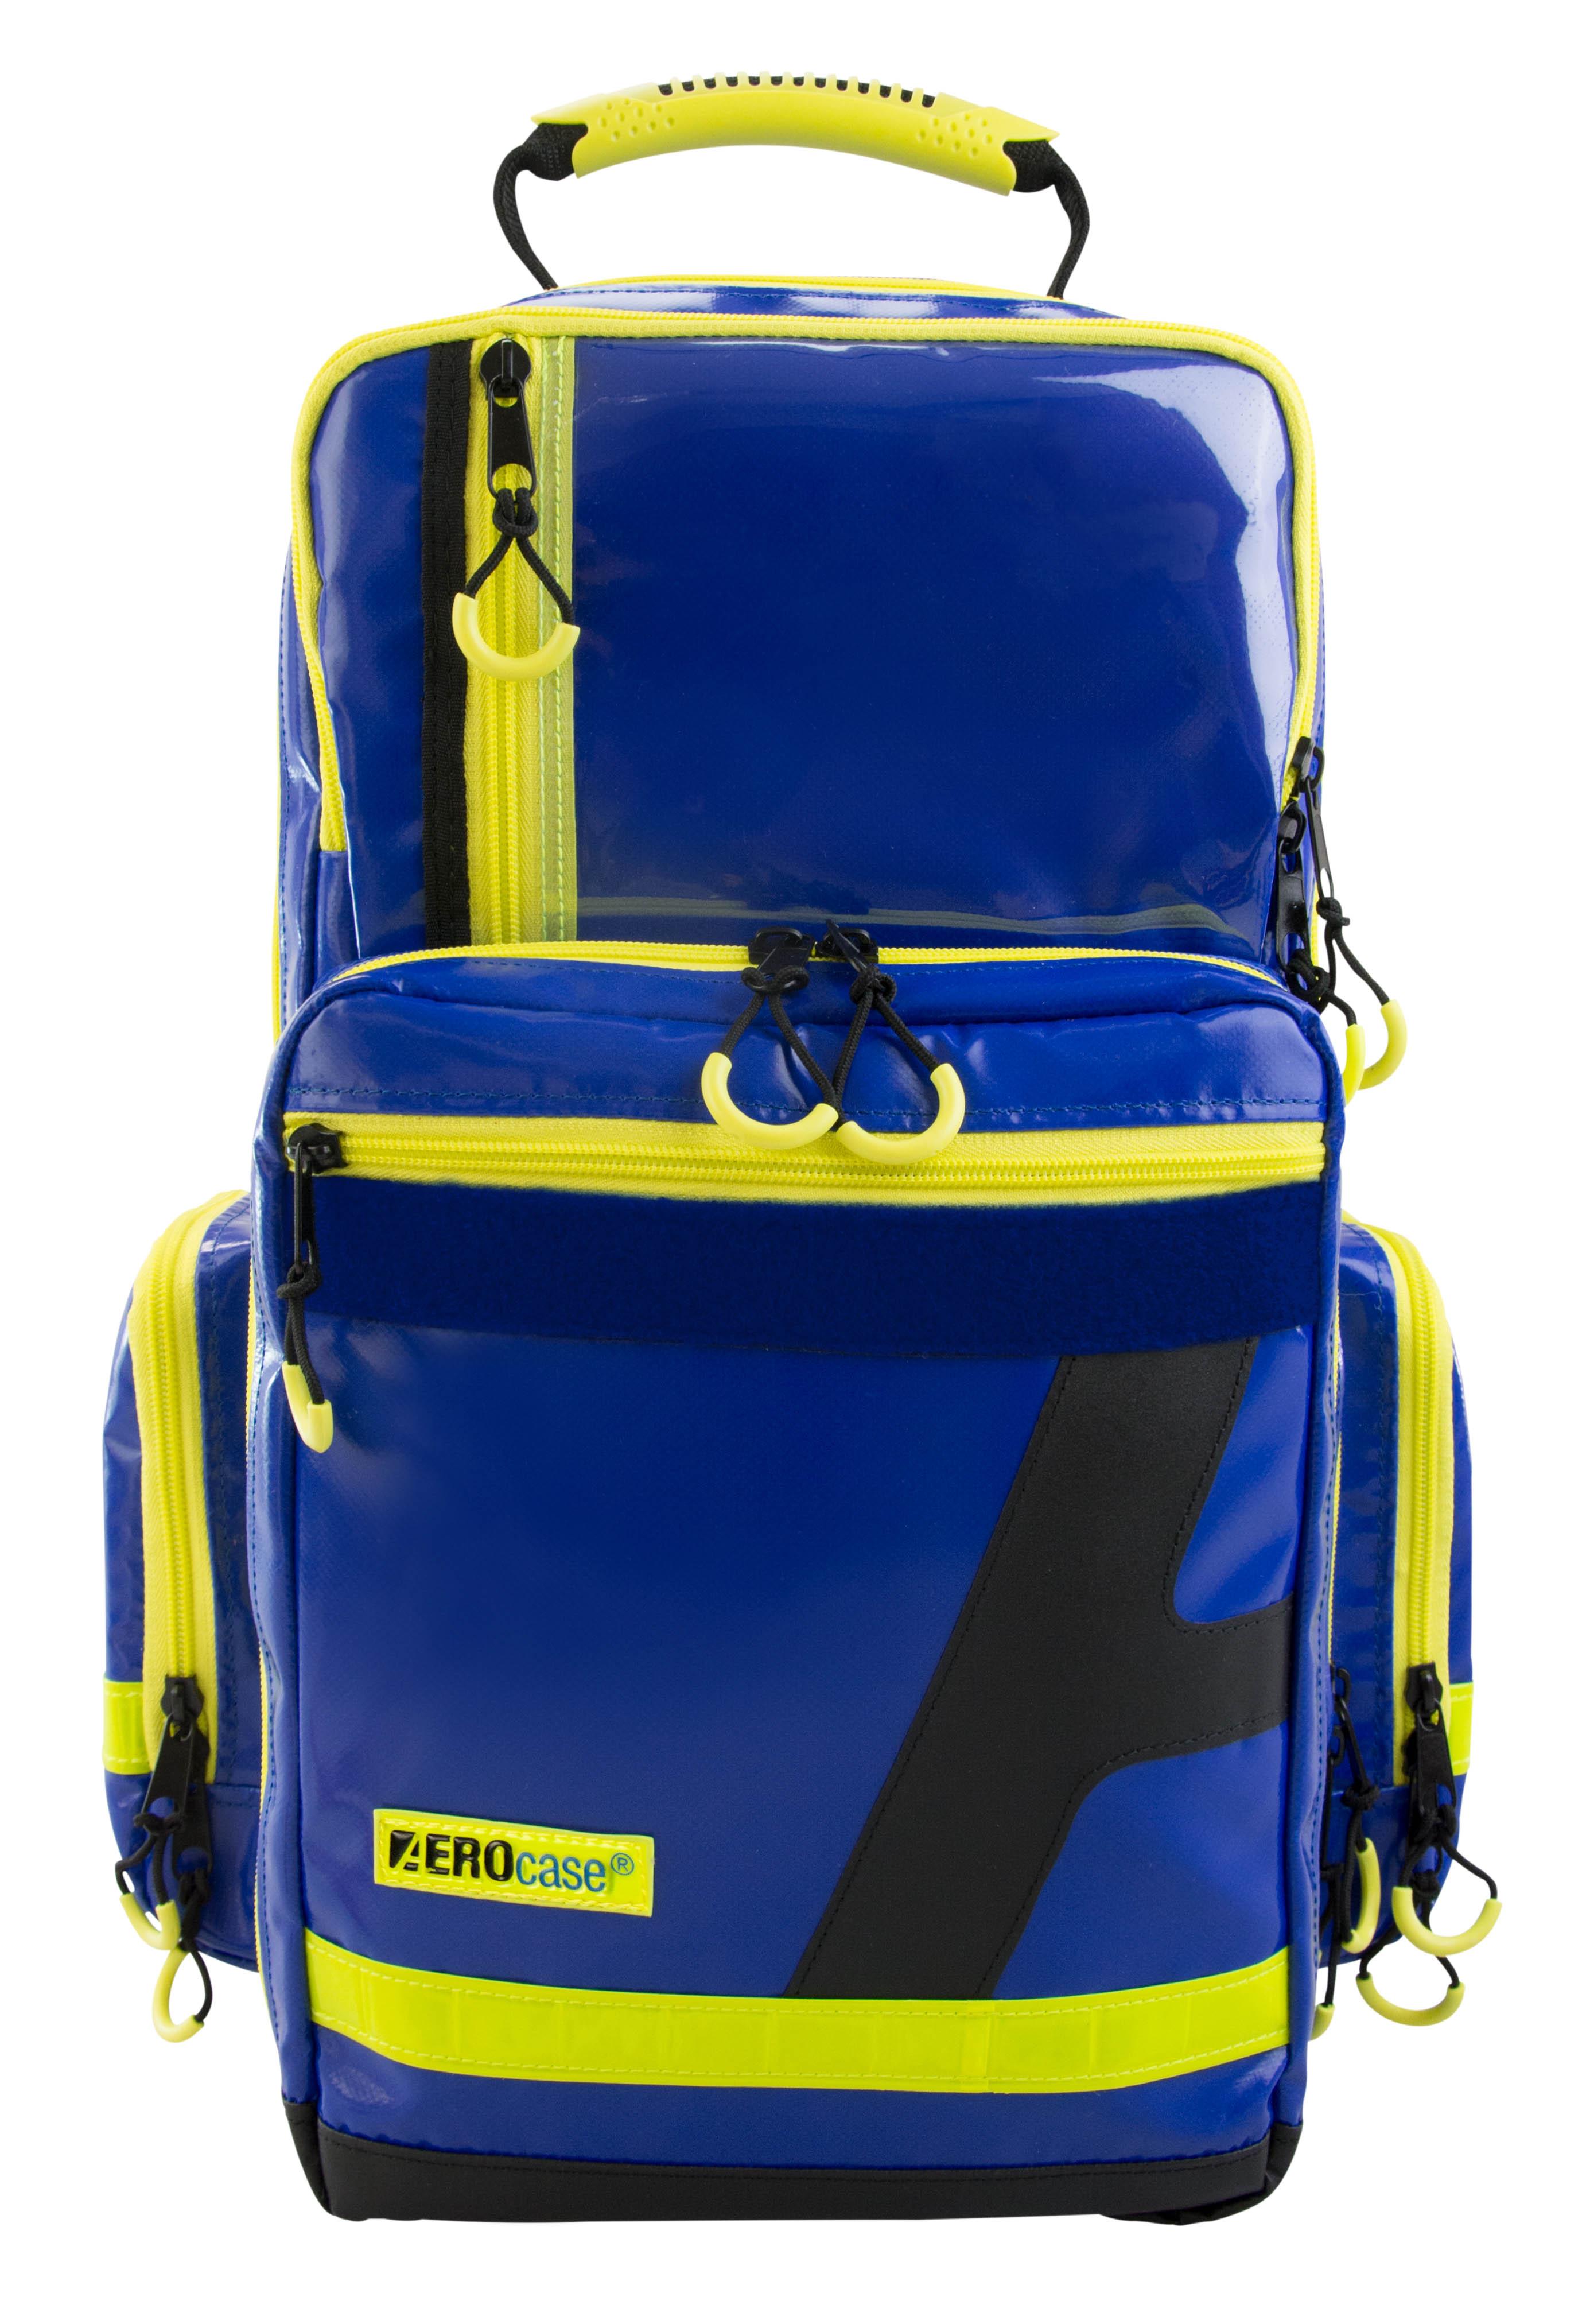 AEROcase Notfallrucksack large Pro1R PL1C Plane blau